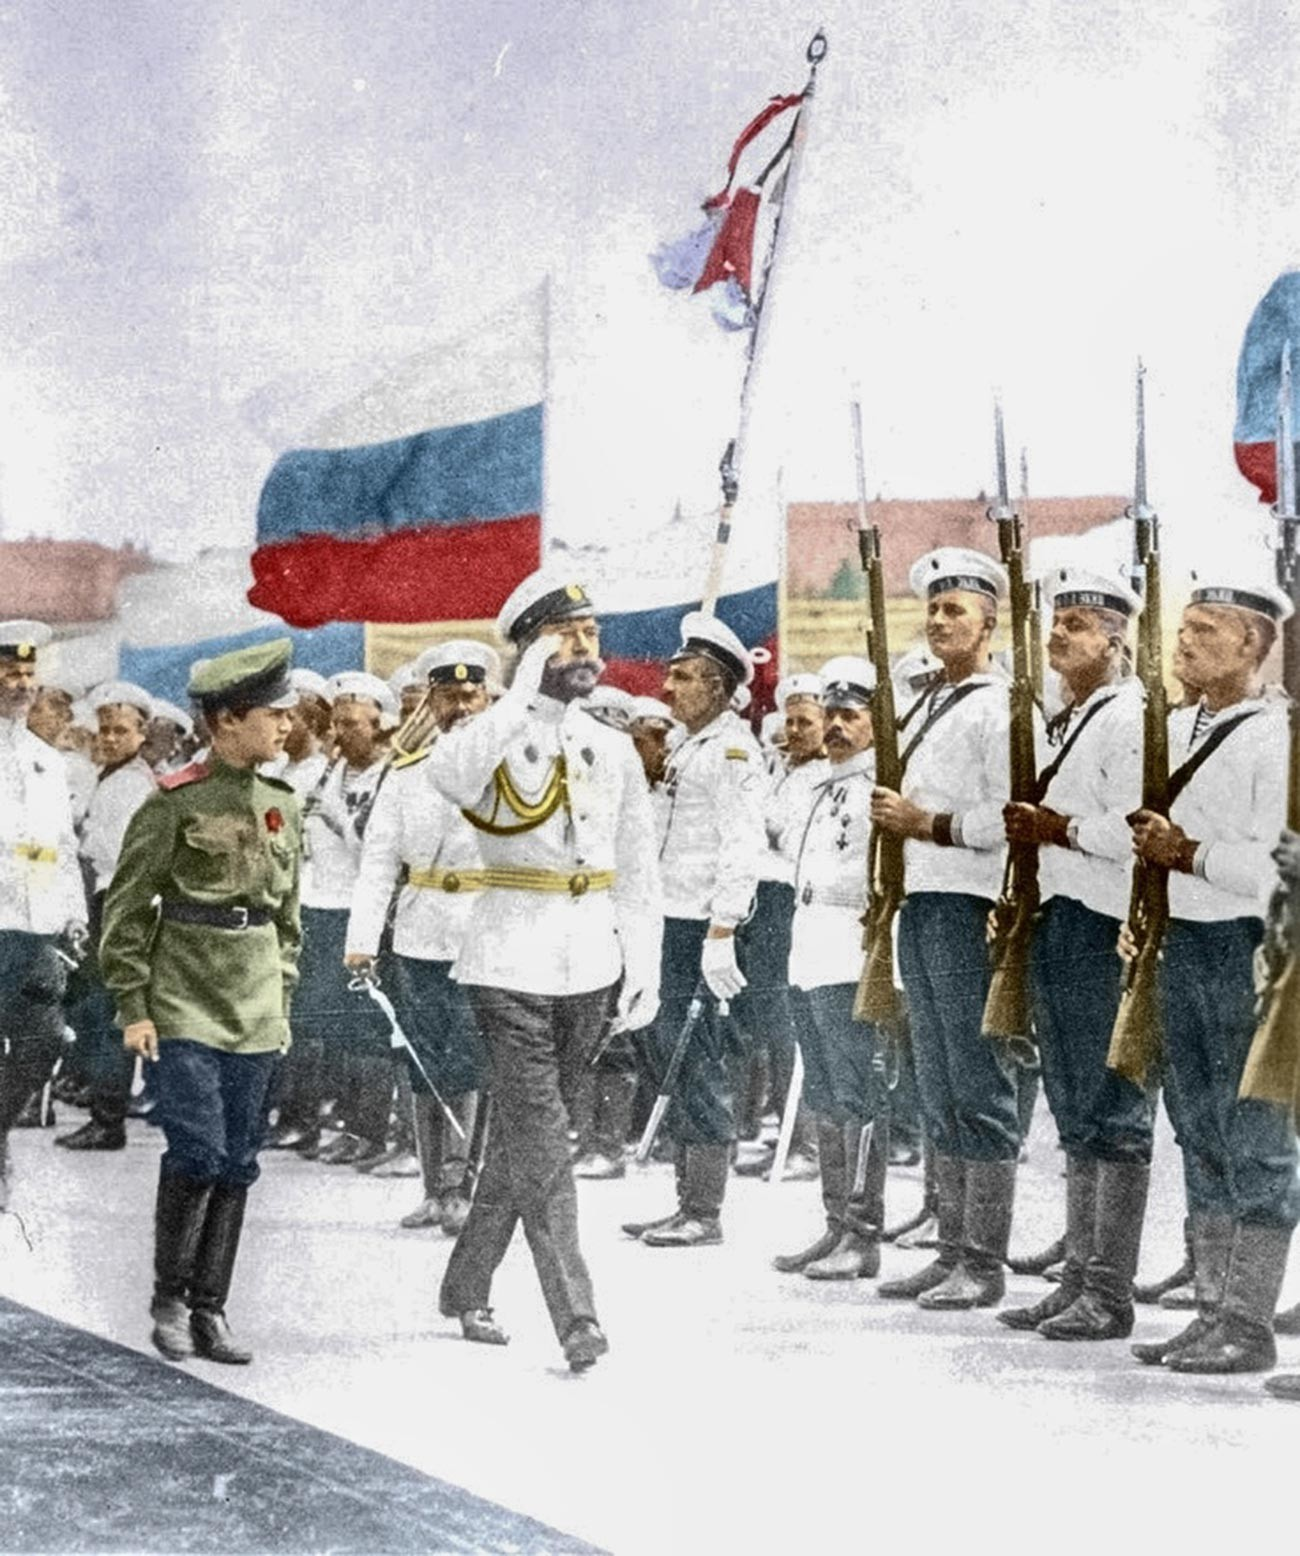 Nicolás II estableció la bandera blanca-azul-roja como bandera nacional rusa en 1896.